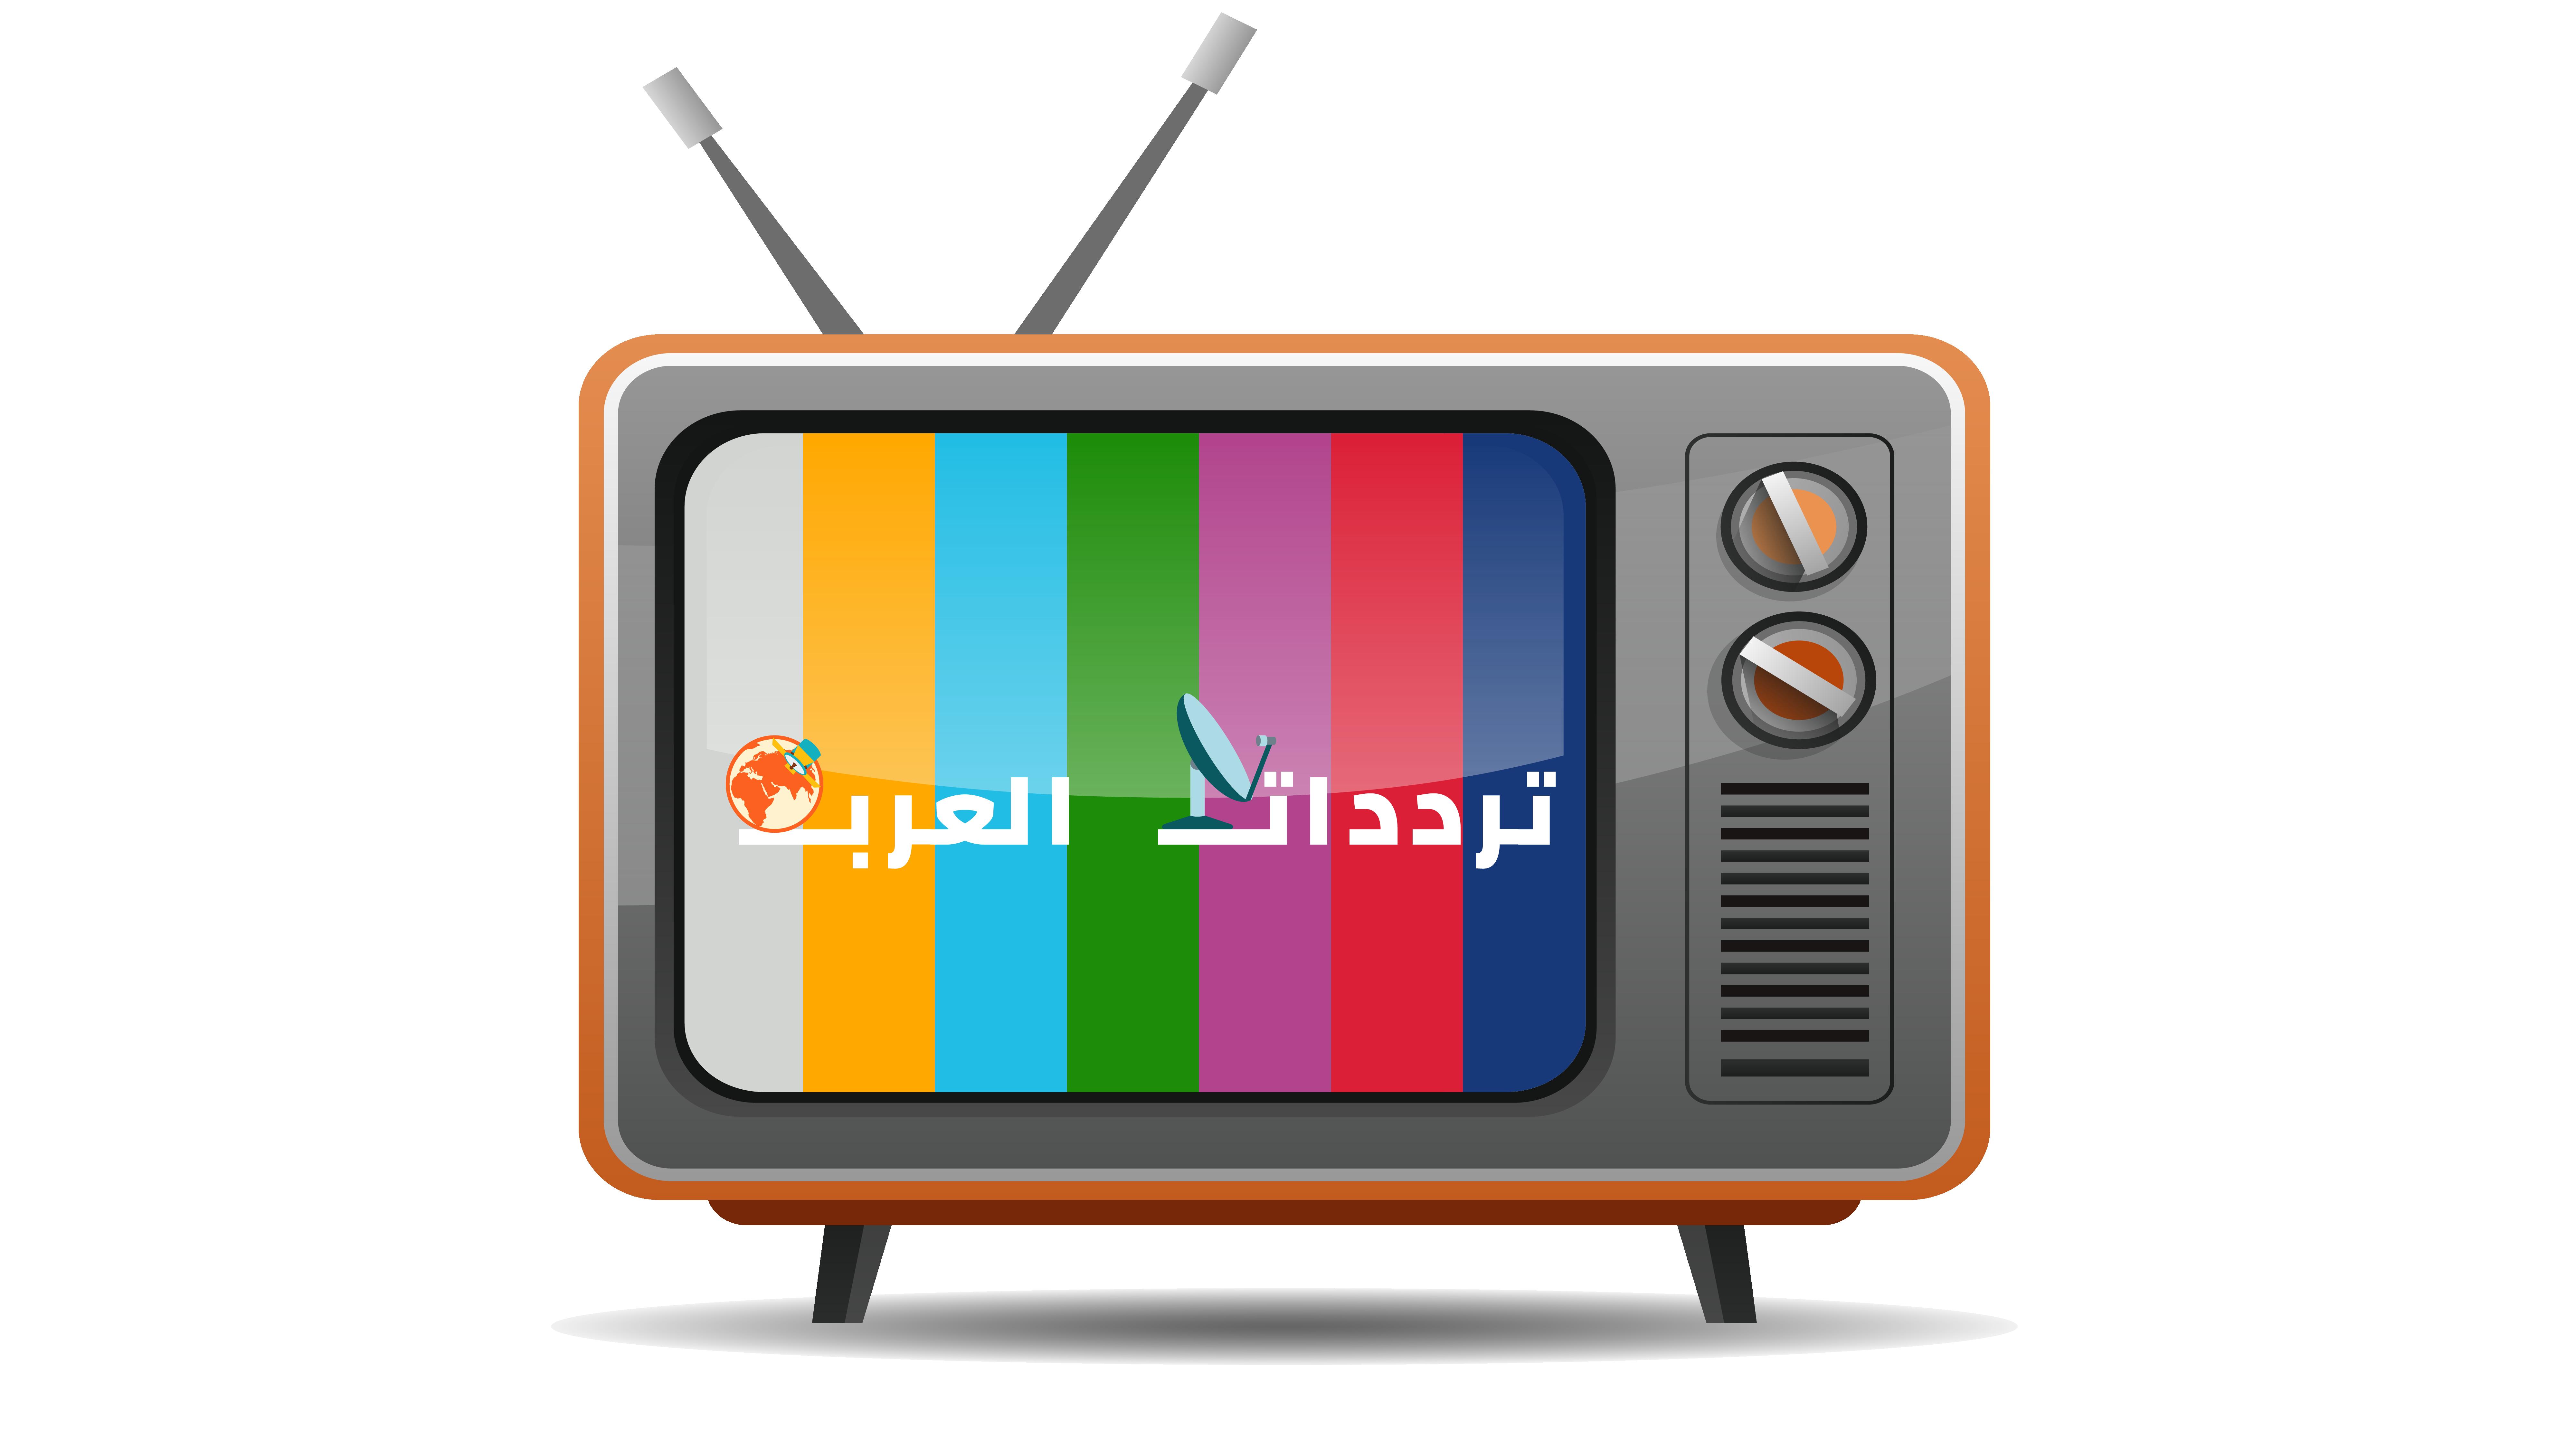 اسماء مسلسلات رمضان 2019 المصرية والقنوات الناقلة ترددات العرب Tech Logos Lettering School Logos